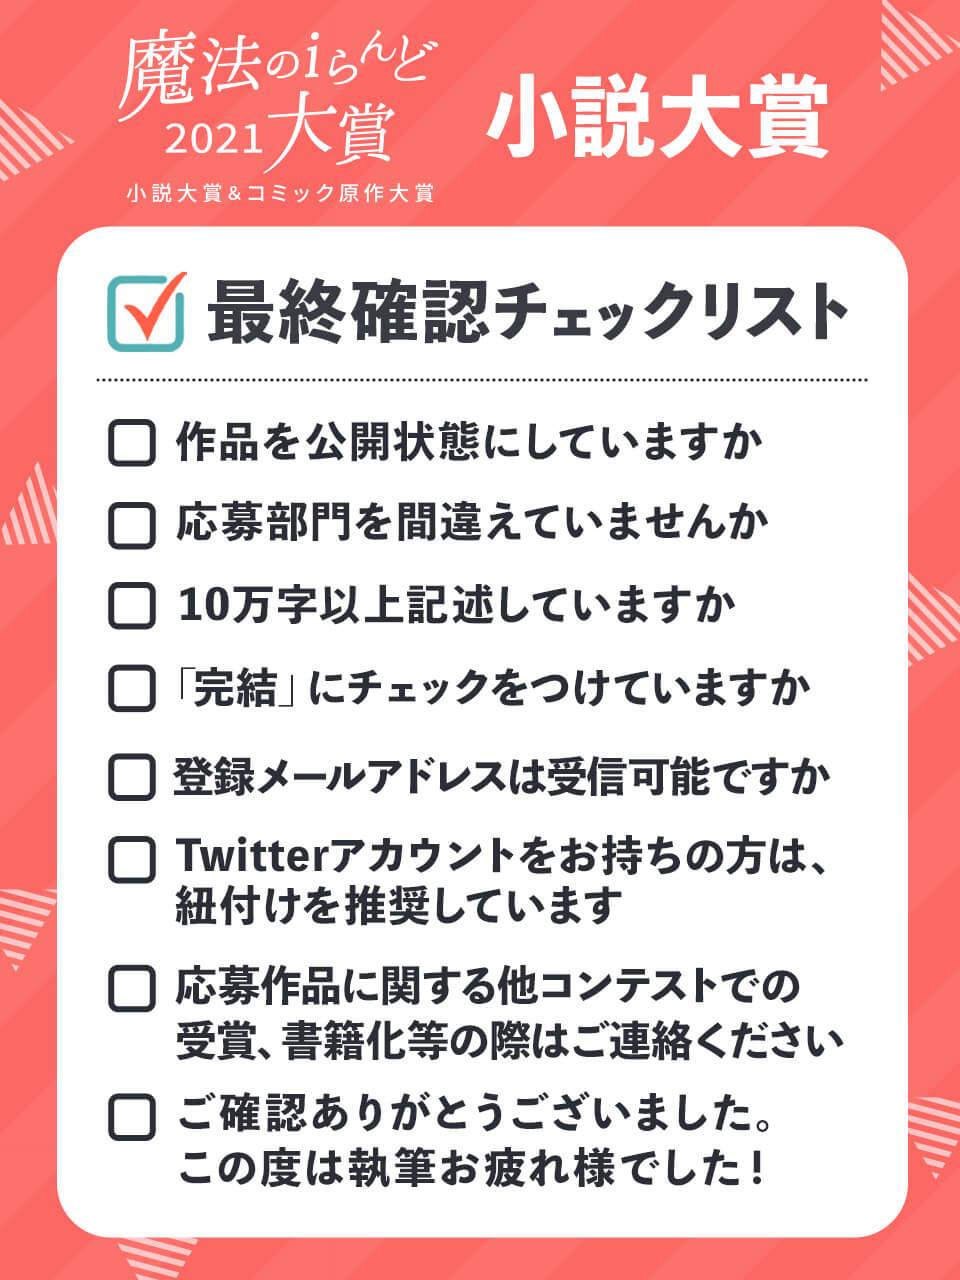 https://storage.googleapis.com/blog-info/entry/2021/09/210917-mahoaward-checklist_twitter-novel.jpg